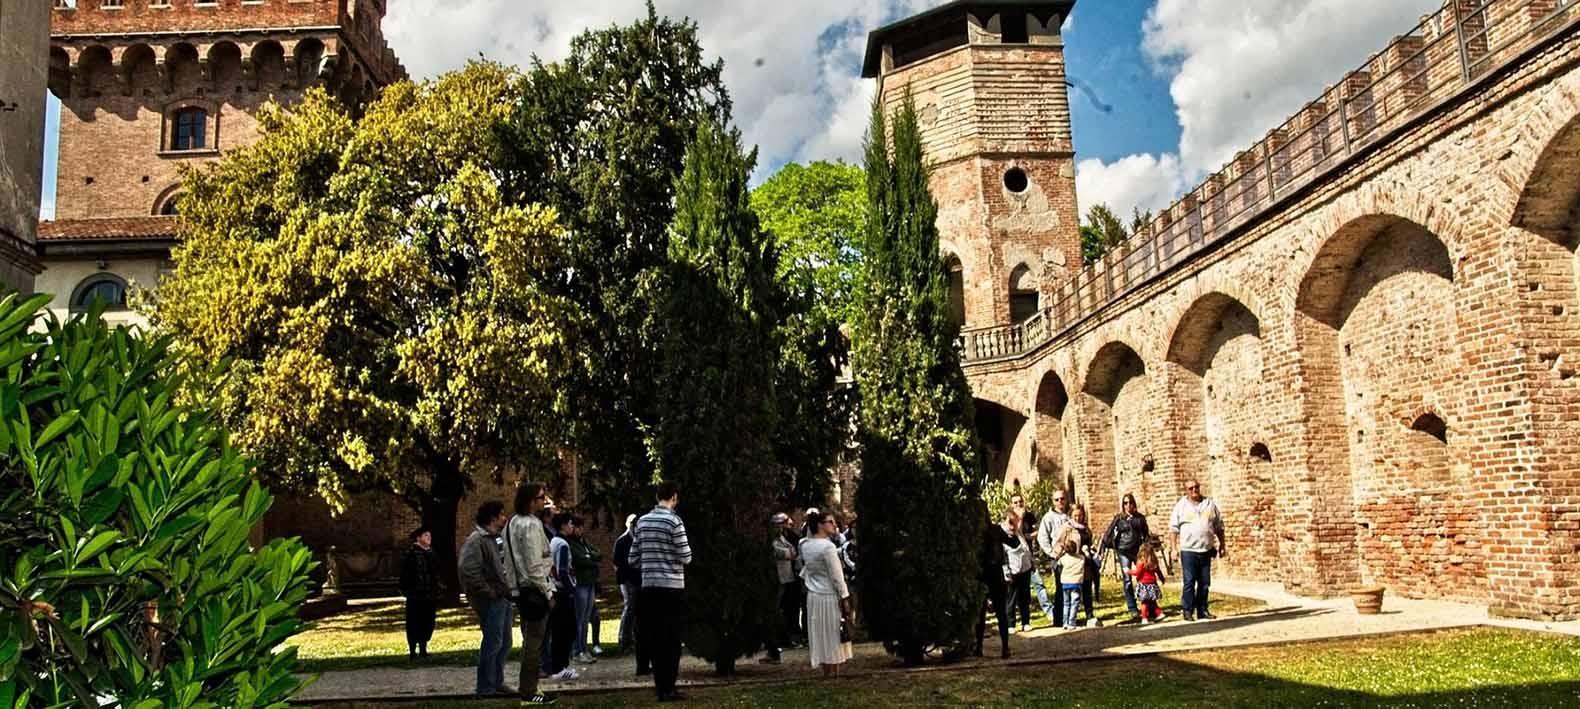 Giornate dei castelli, borghi e palazzi medievali